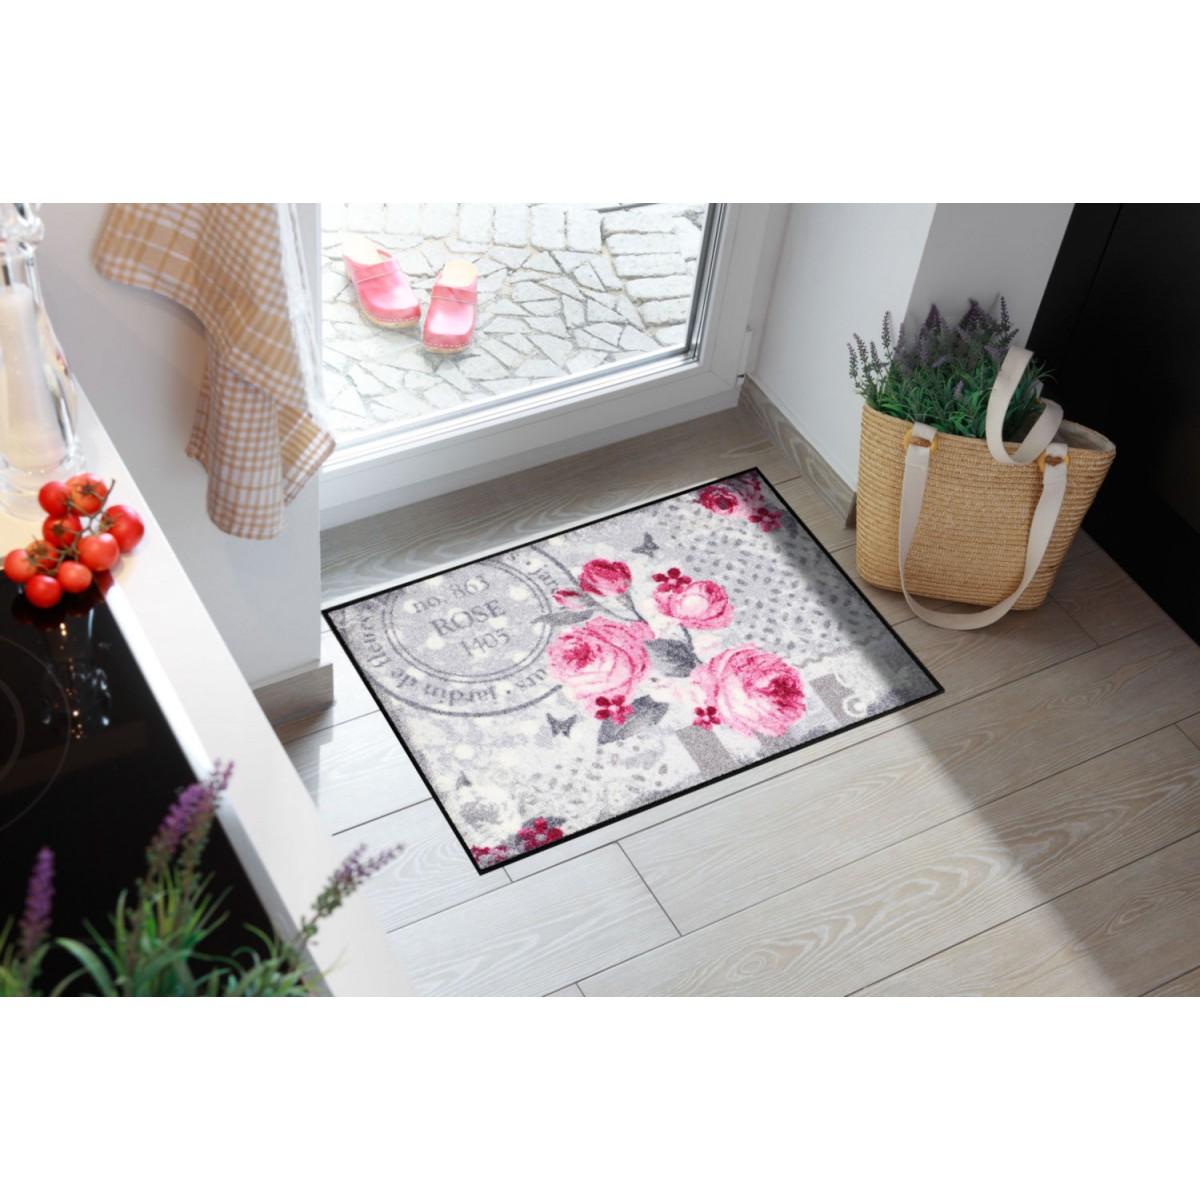 Fußmatte Jardin de fleurs von Salonlöwe kaufen - verschiedene ...